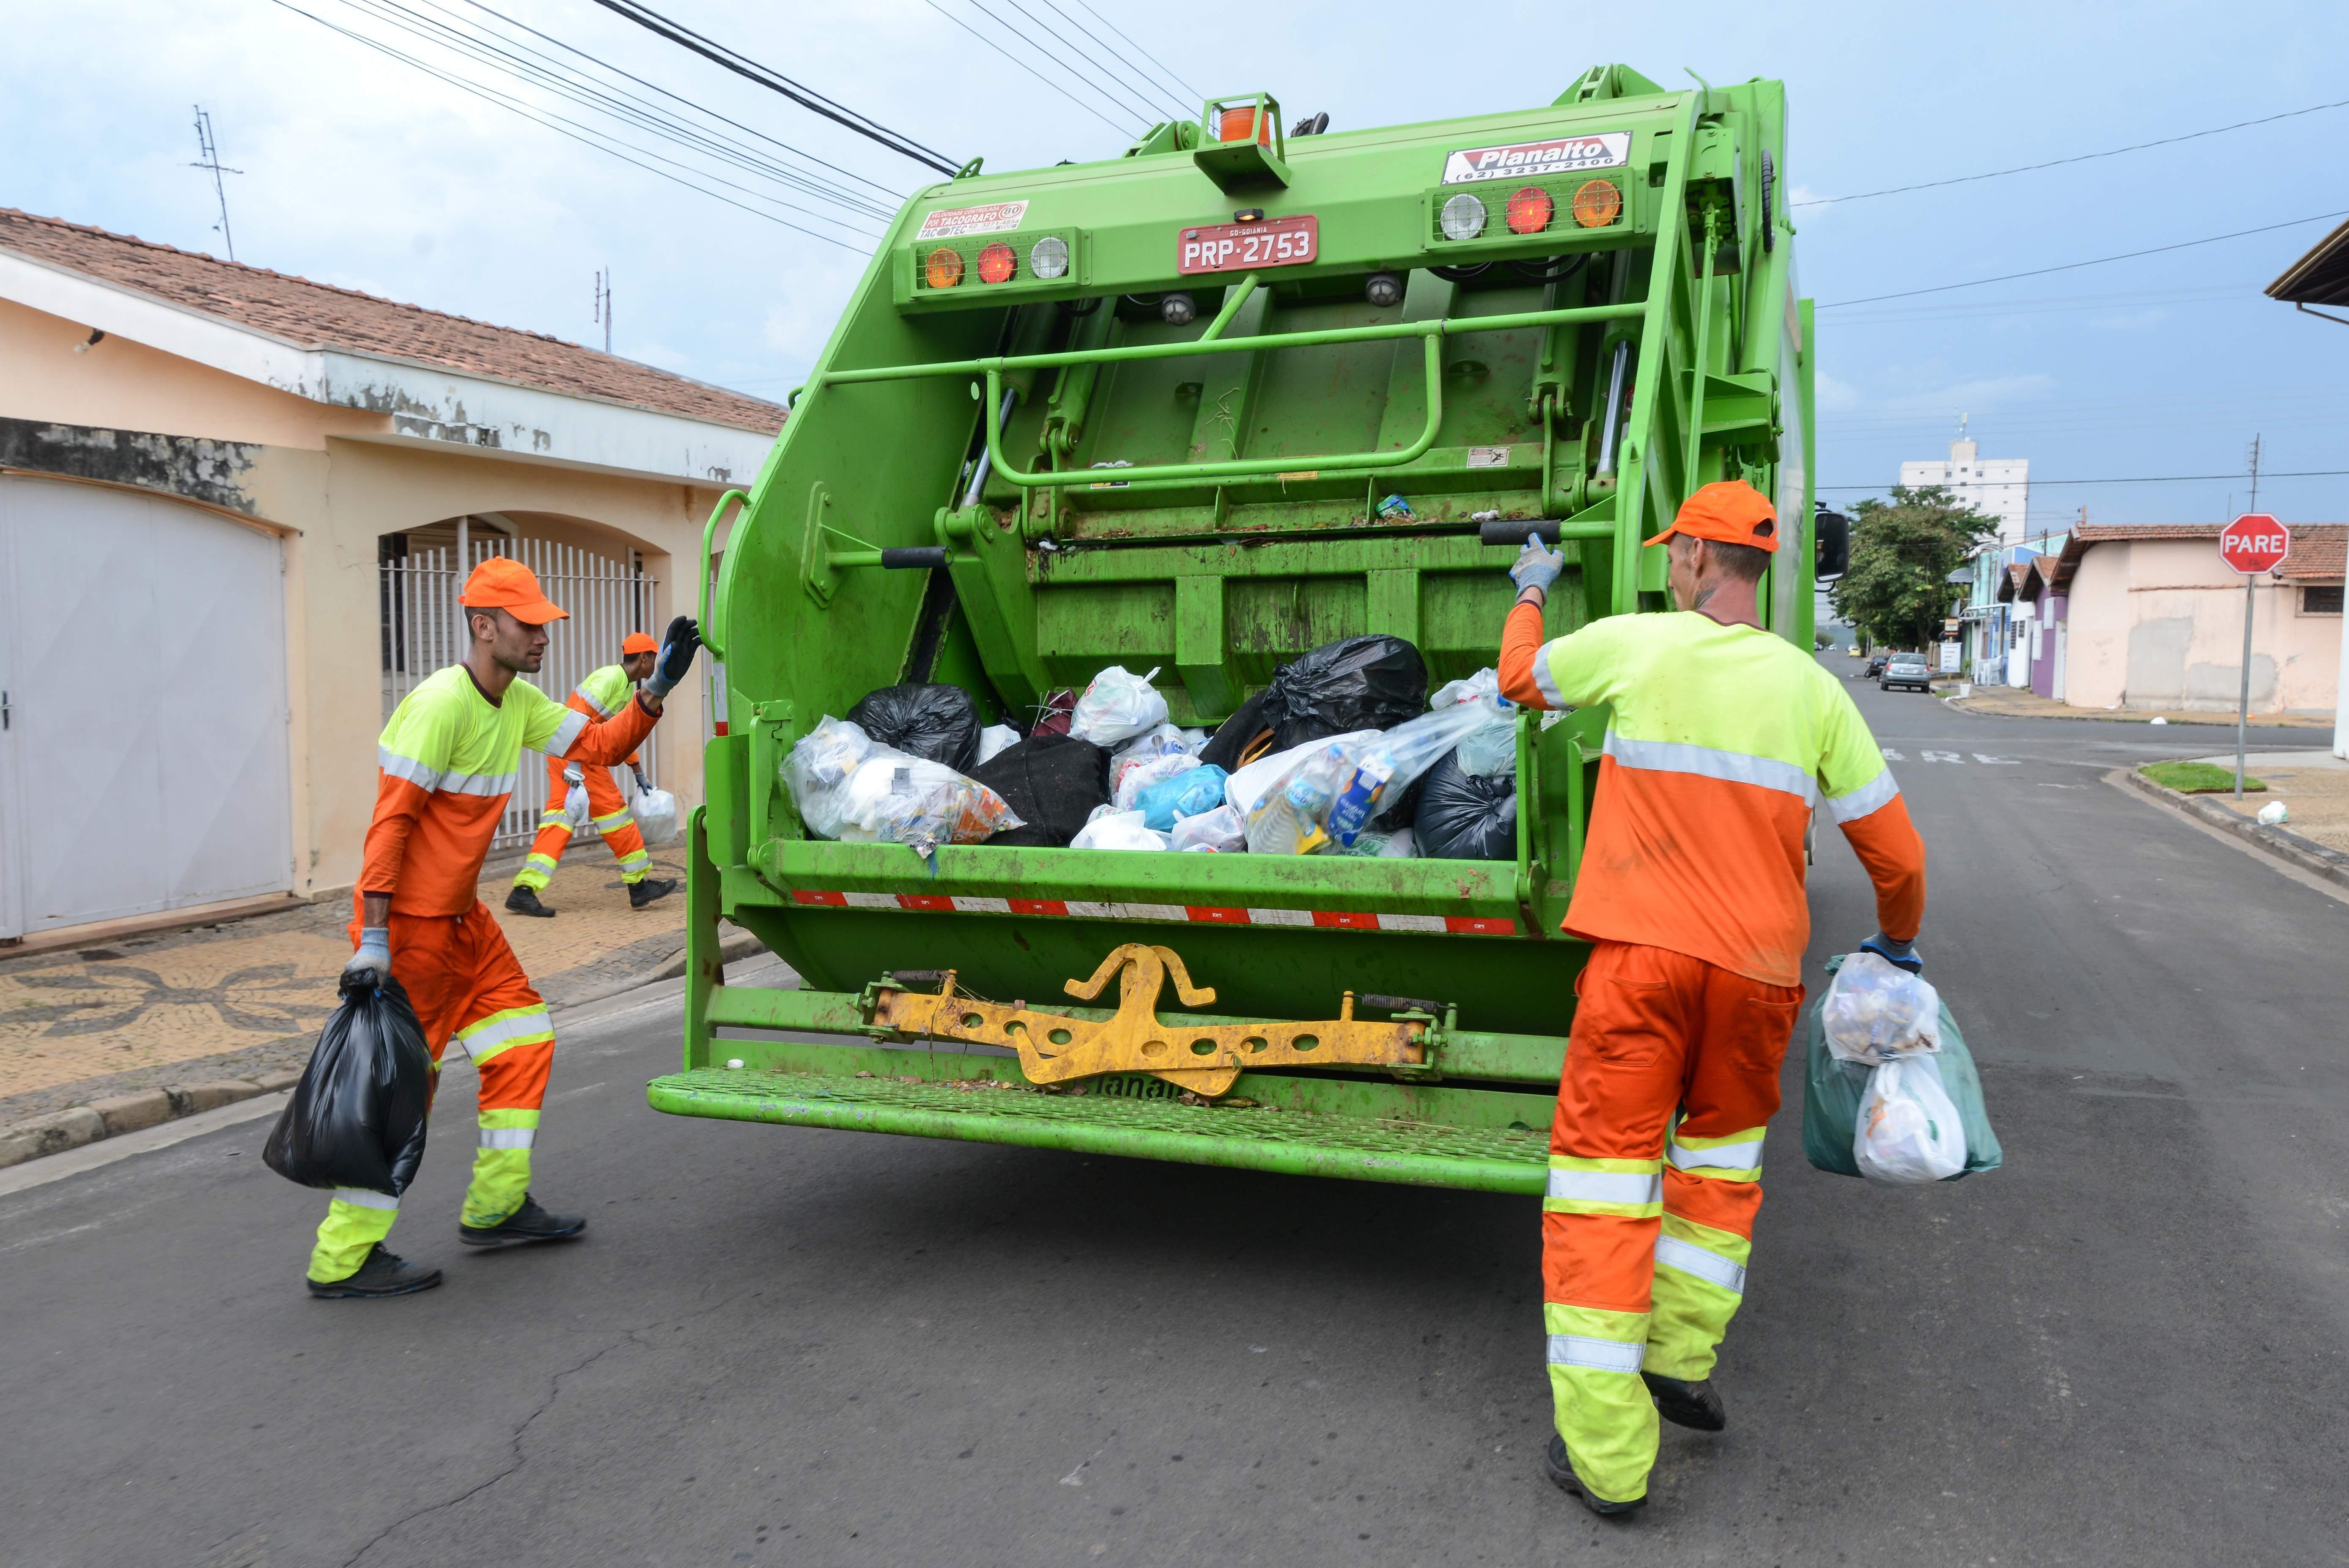 Na terça-feira de ano novo não haverá  coleta de lixo em Rio Claro